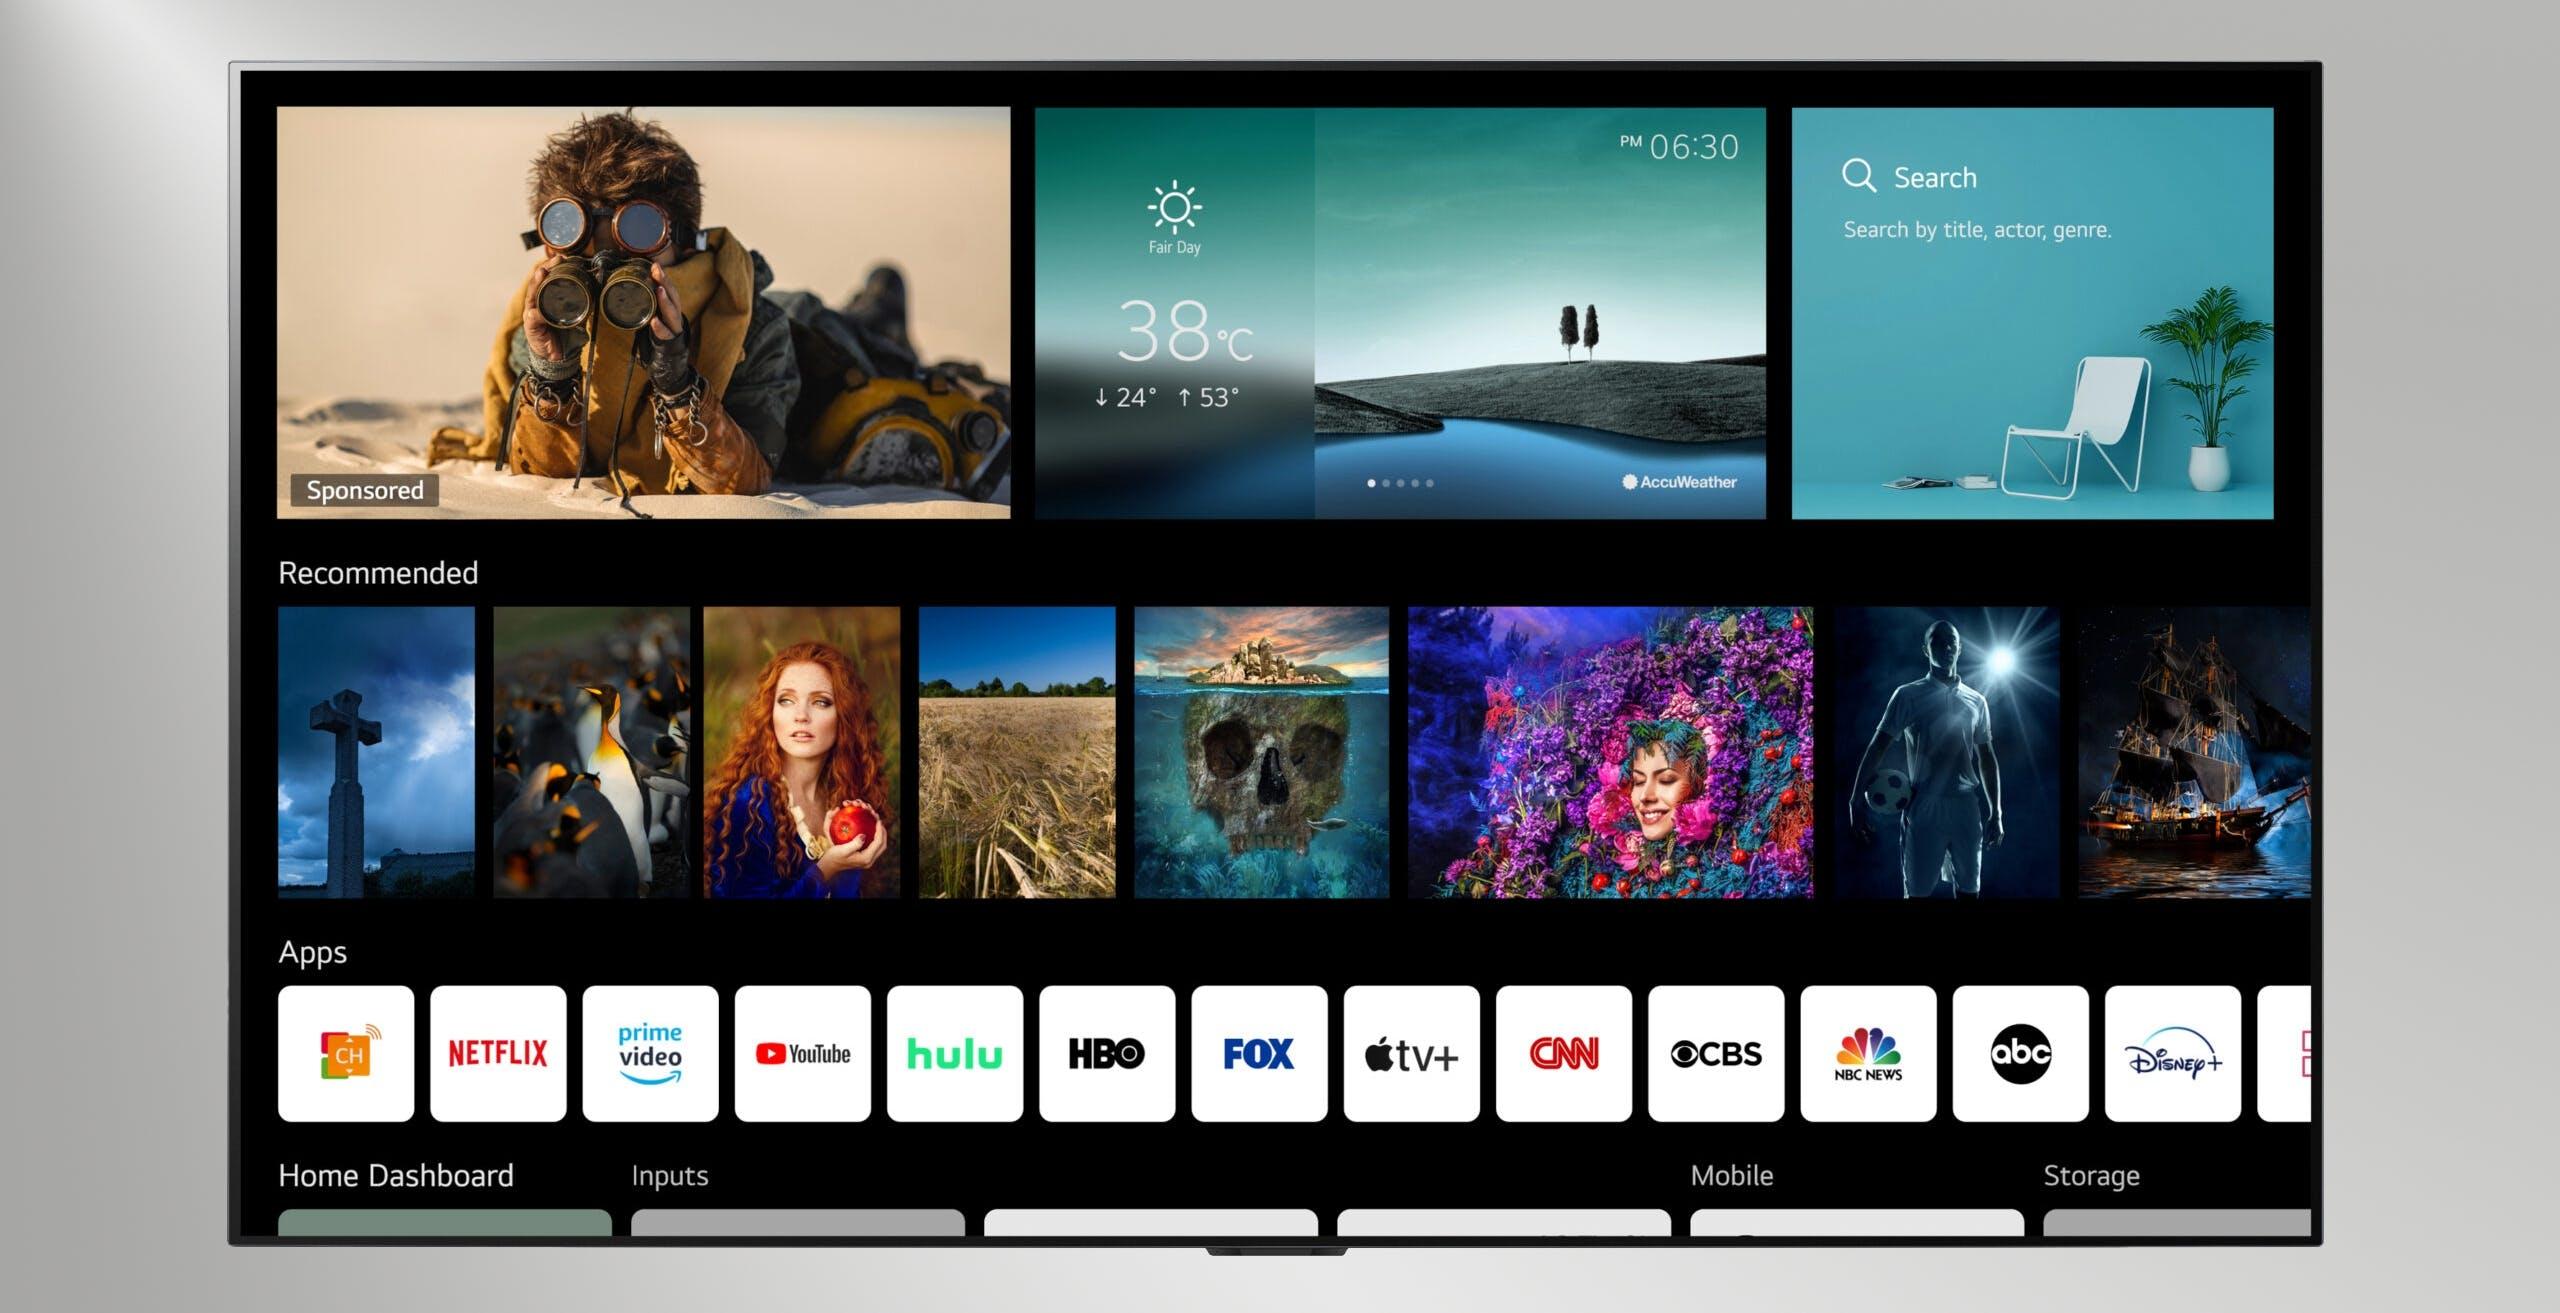 LG rivoluziona l'interfaccia delle sue Smart TV con WebOS 6. Dubbi sulla profilazione degli utenti